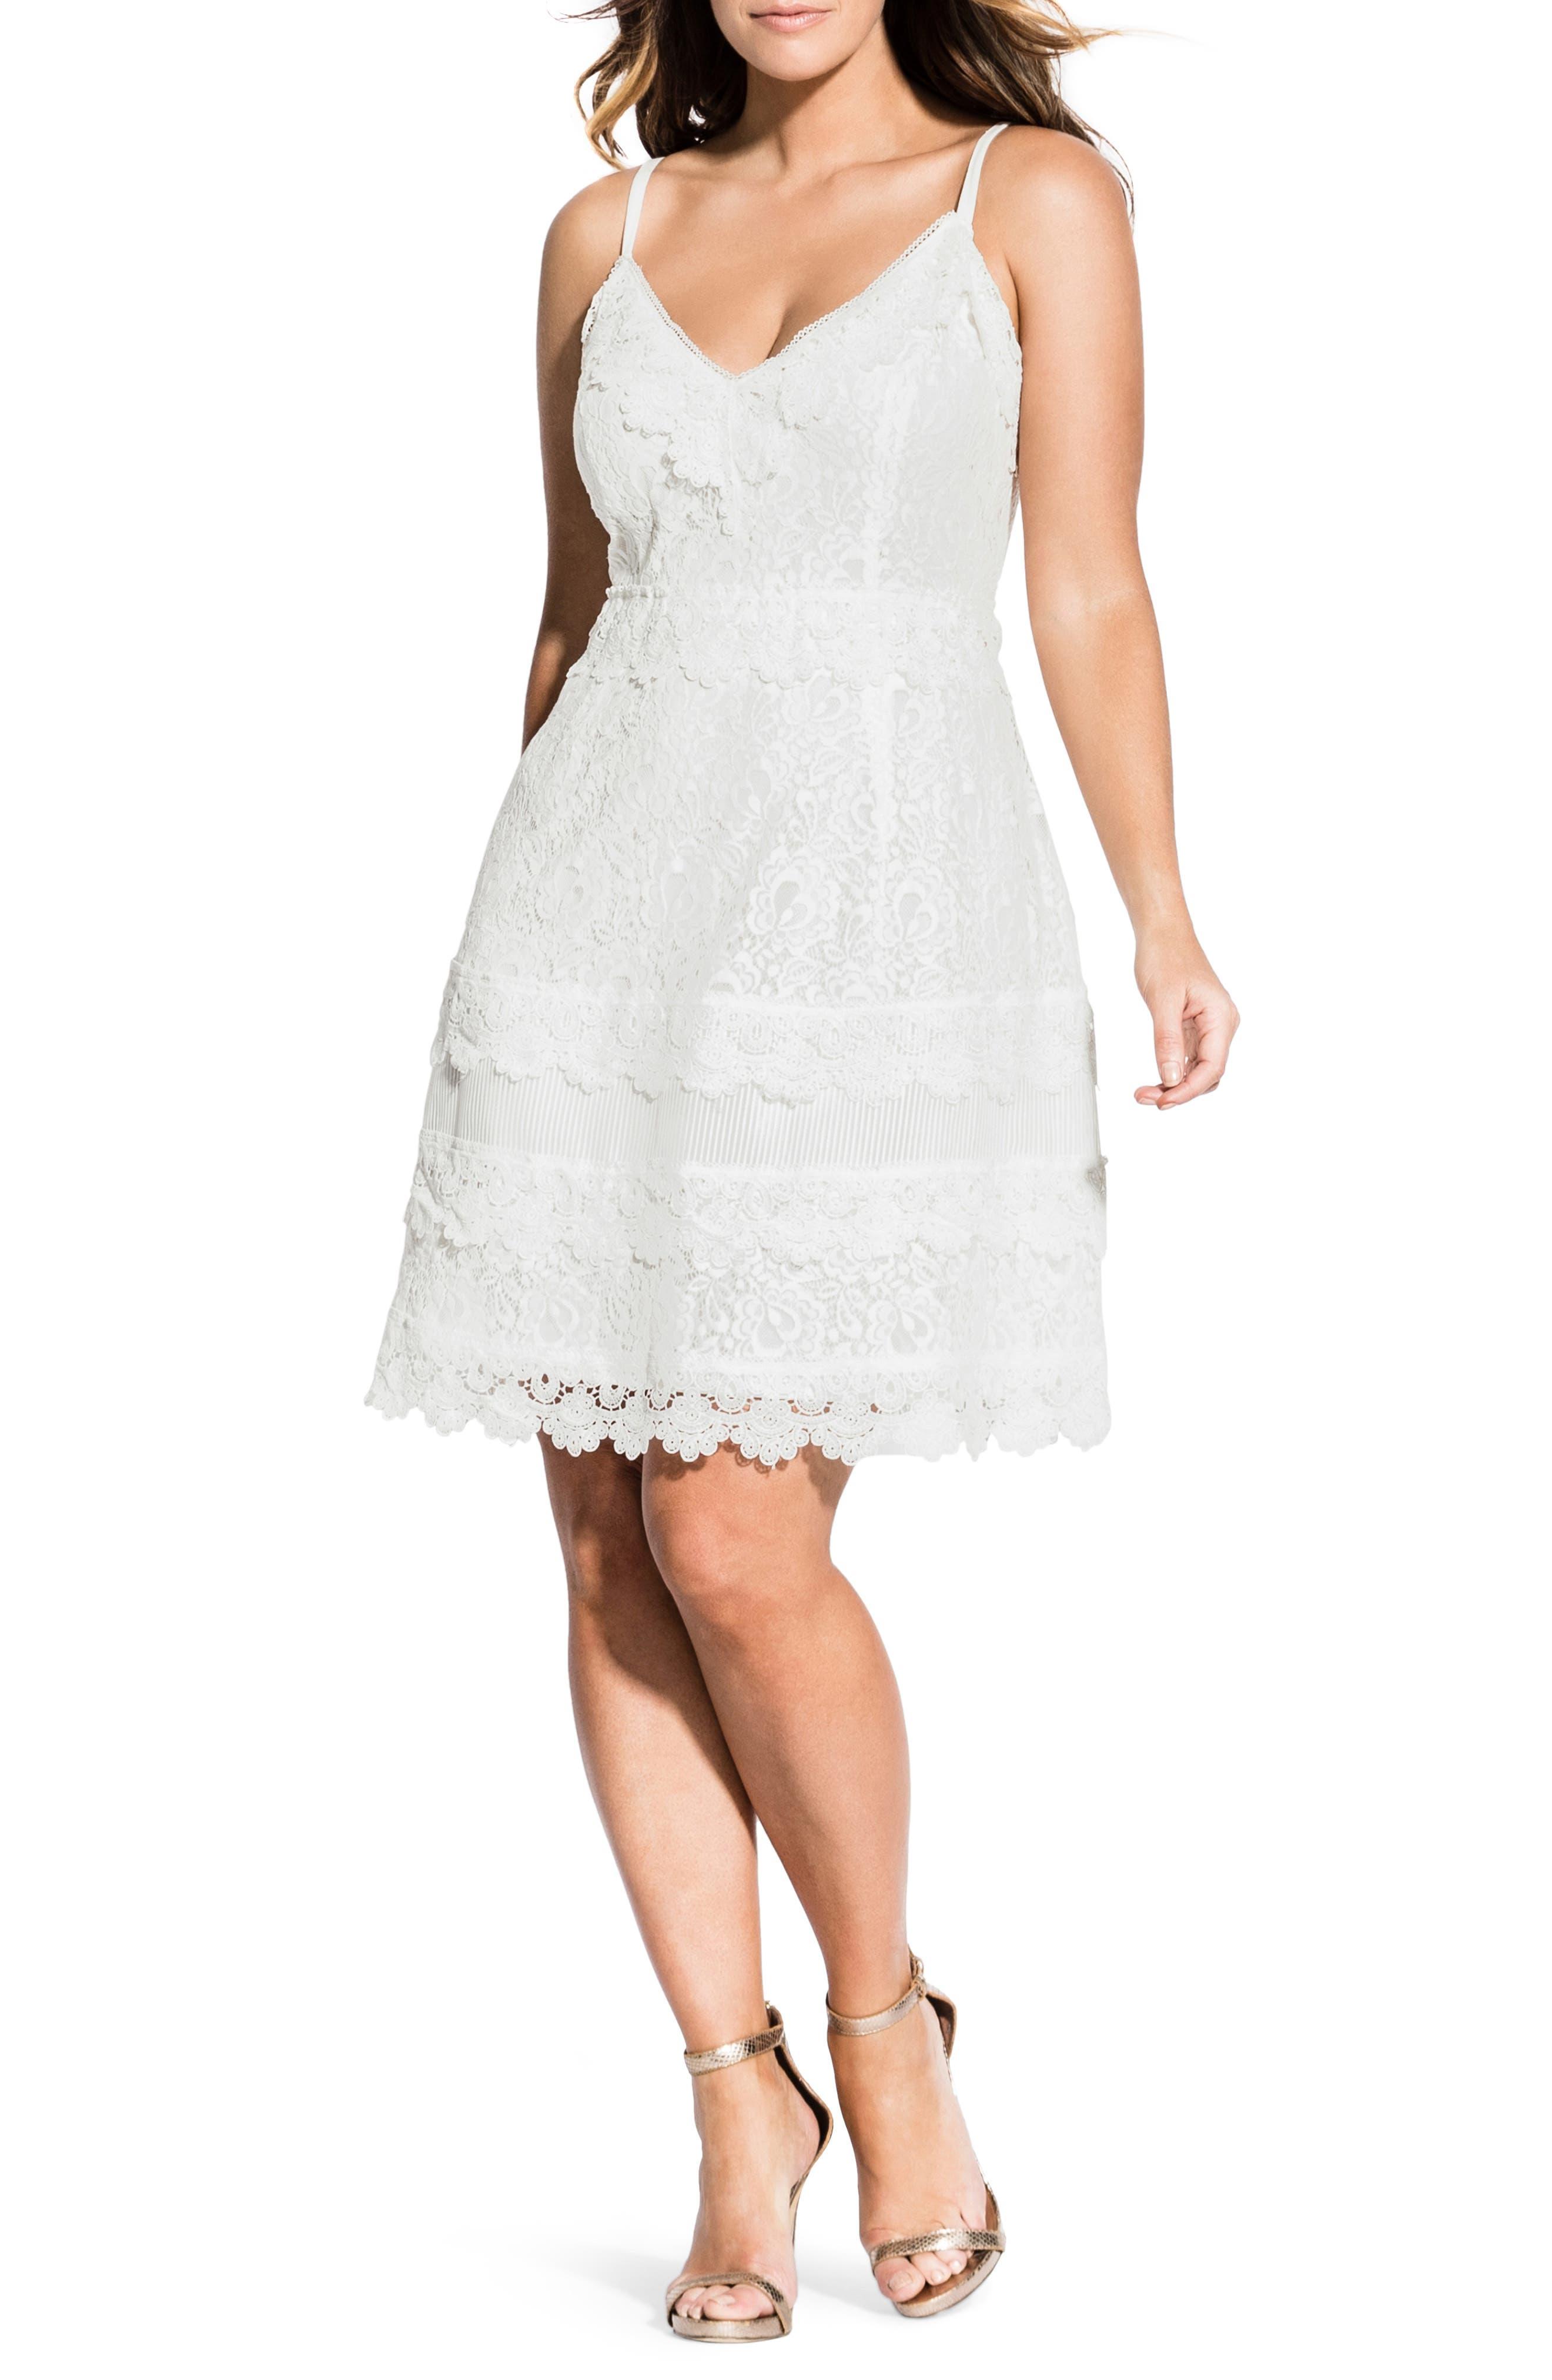 Plus Size City Chic Nouveau Cotton Blend Lace Fit & Flare Dress, White